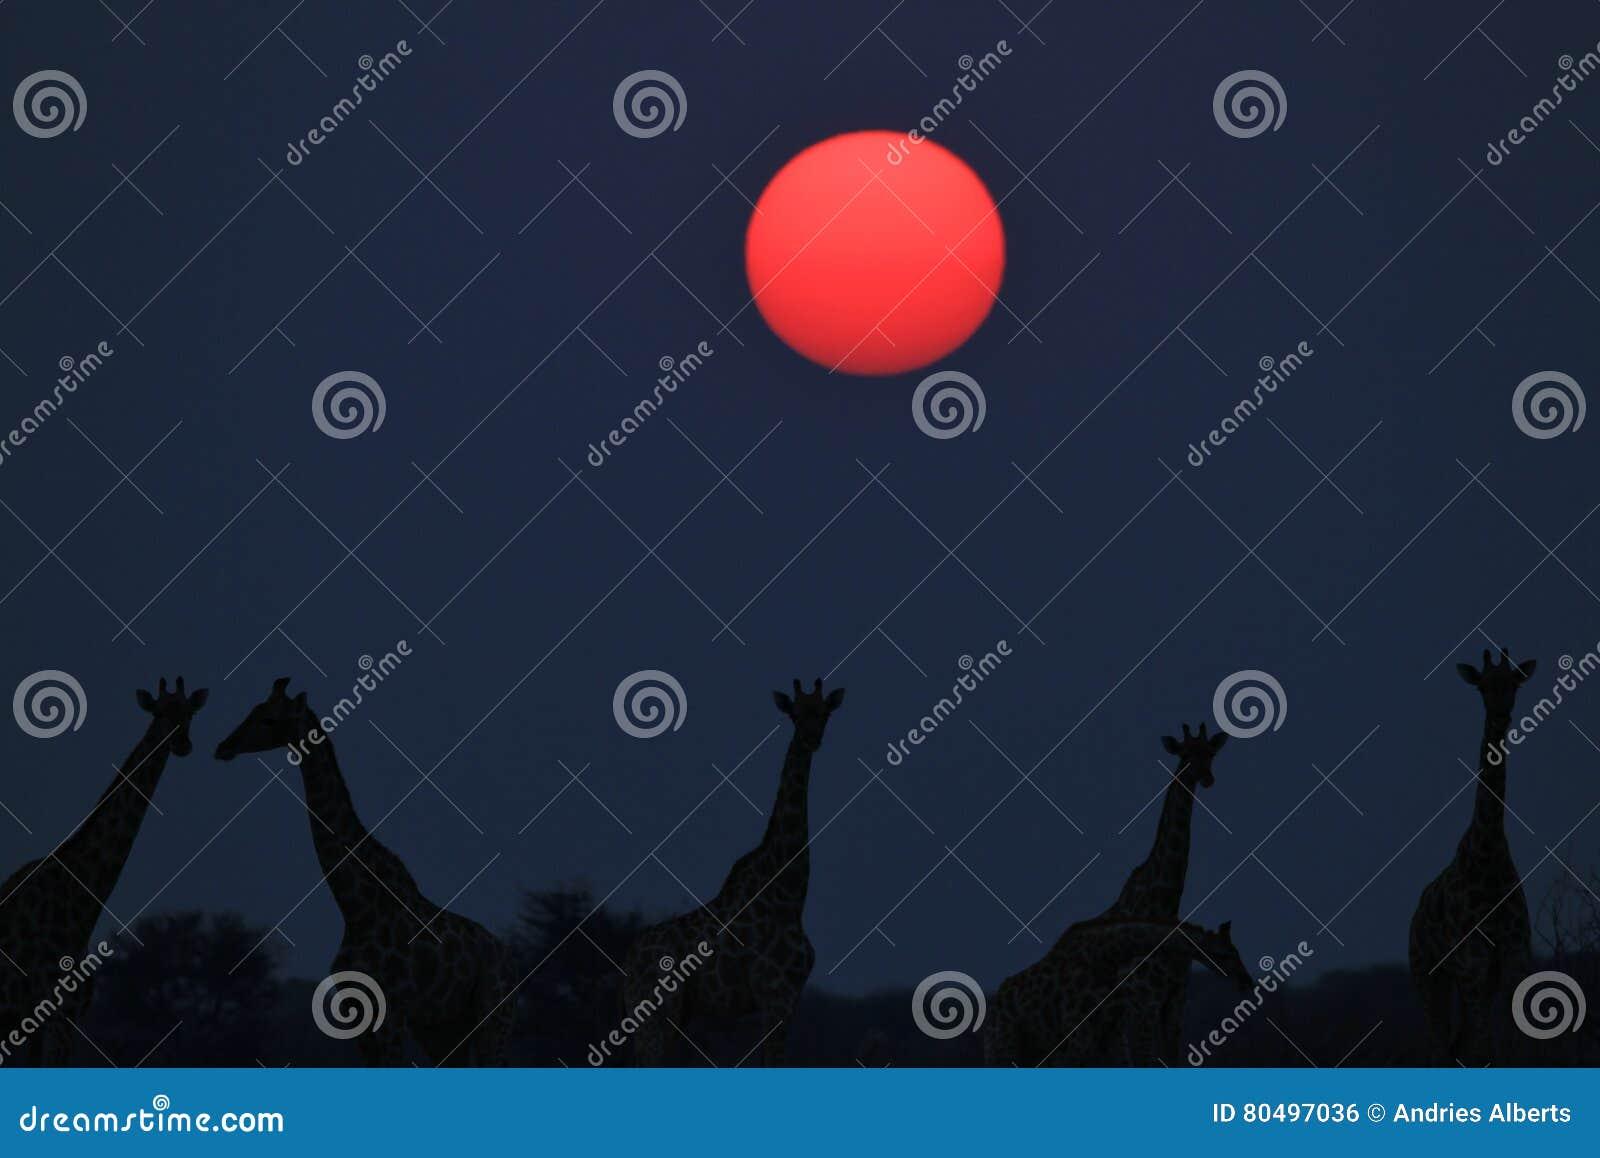 a2e51537e87 Een kleine kudde van Zuidafrikaanse Giraffen stelt in silhouet tegen een  iconische zonsonderganghemel, zoals die in de wildernis van Namibië wordt  gezien, ...